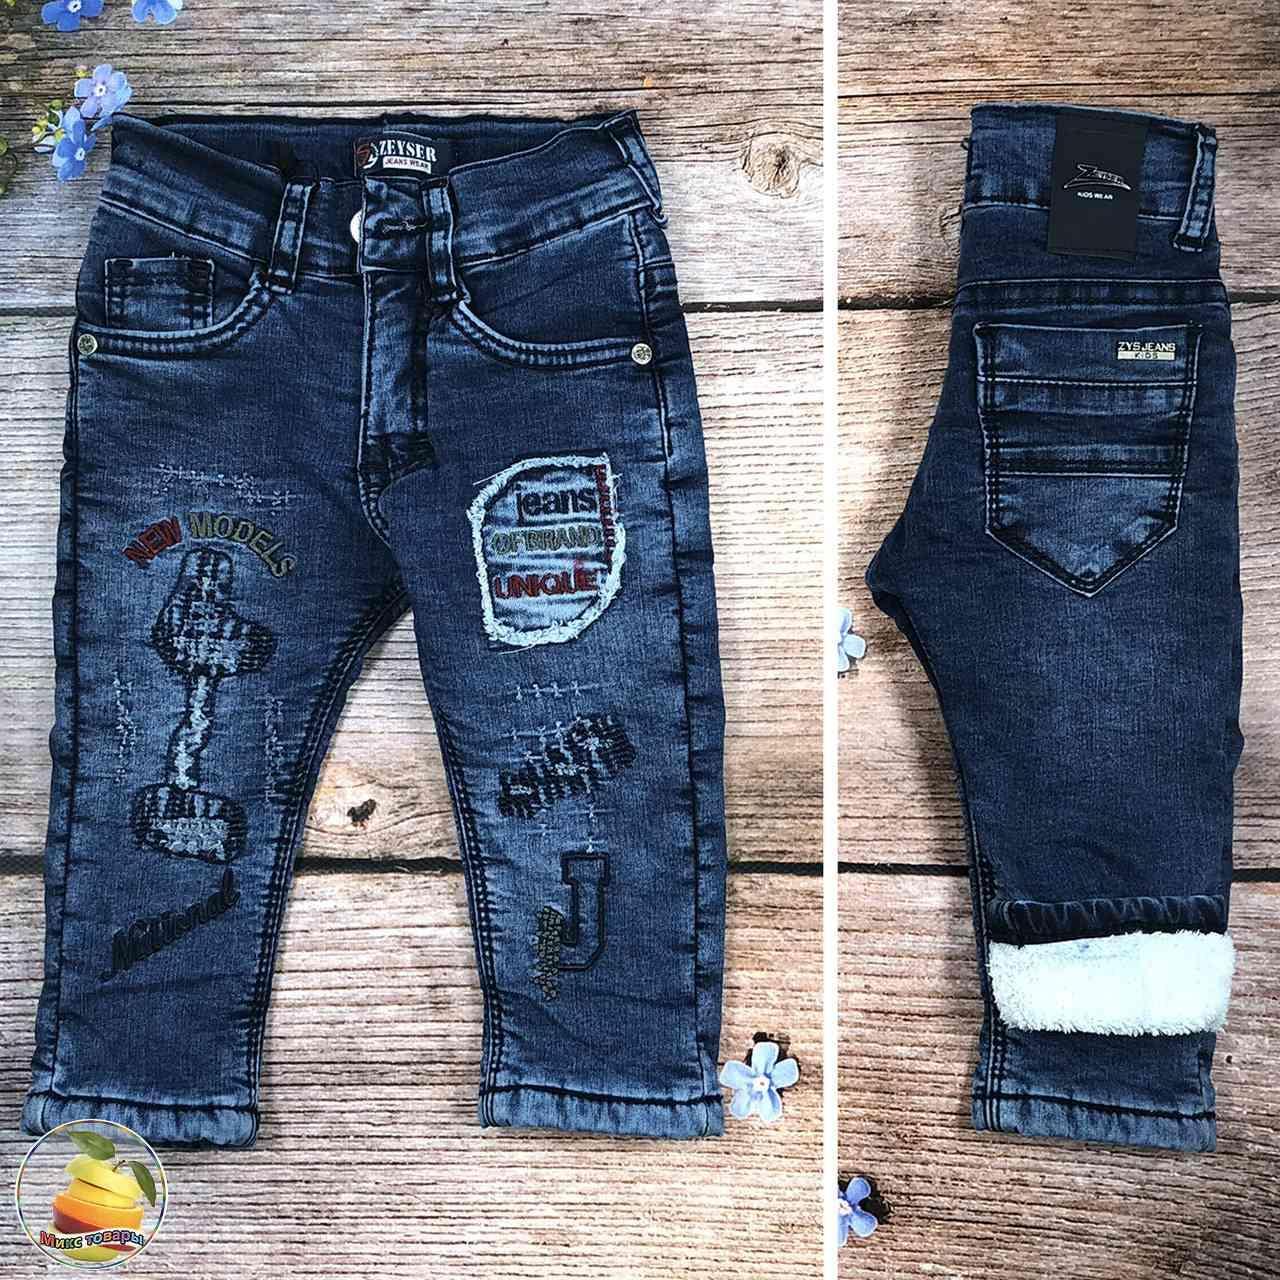 Тёплые джинсы для мальчика Размеры: 1,2,3,4 года (8985)